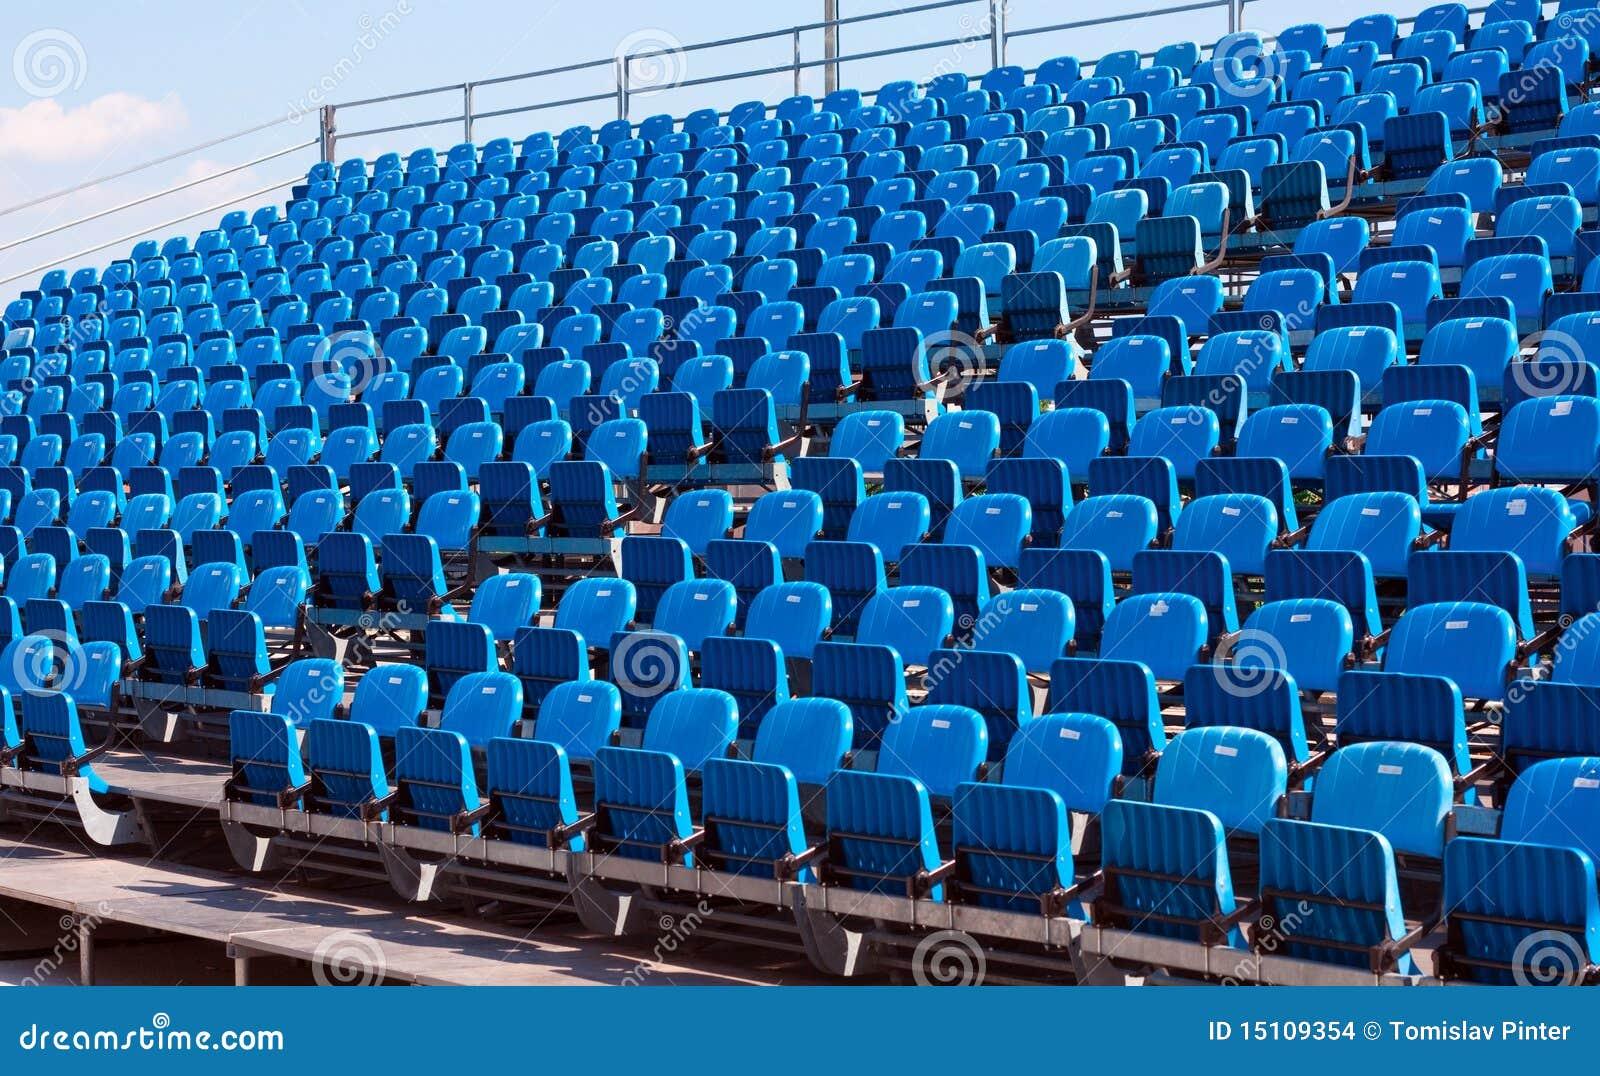 Stadium chairs stock photo. Image of spectators, chairs ...